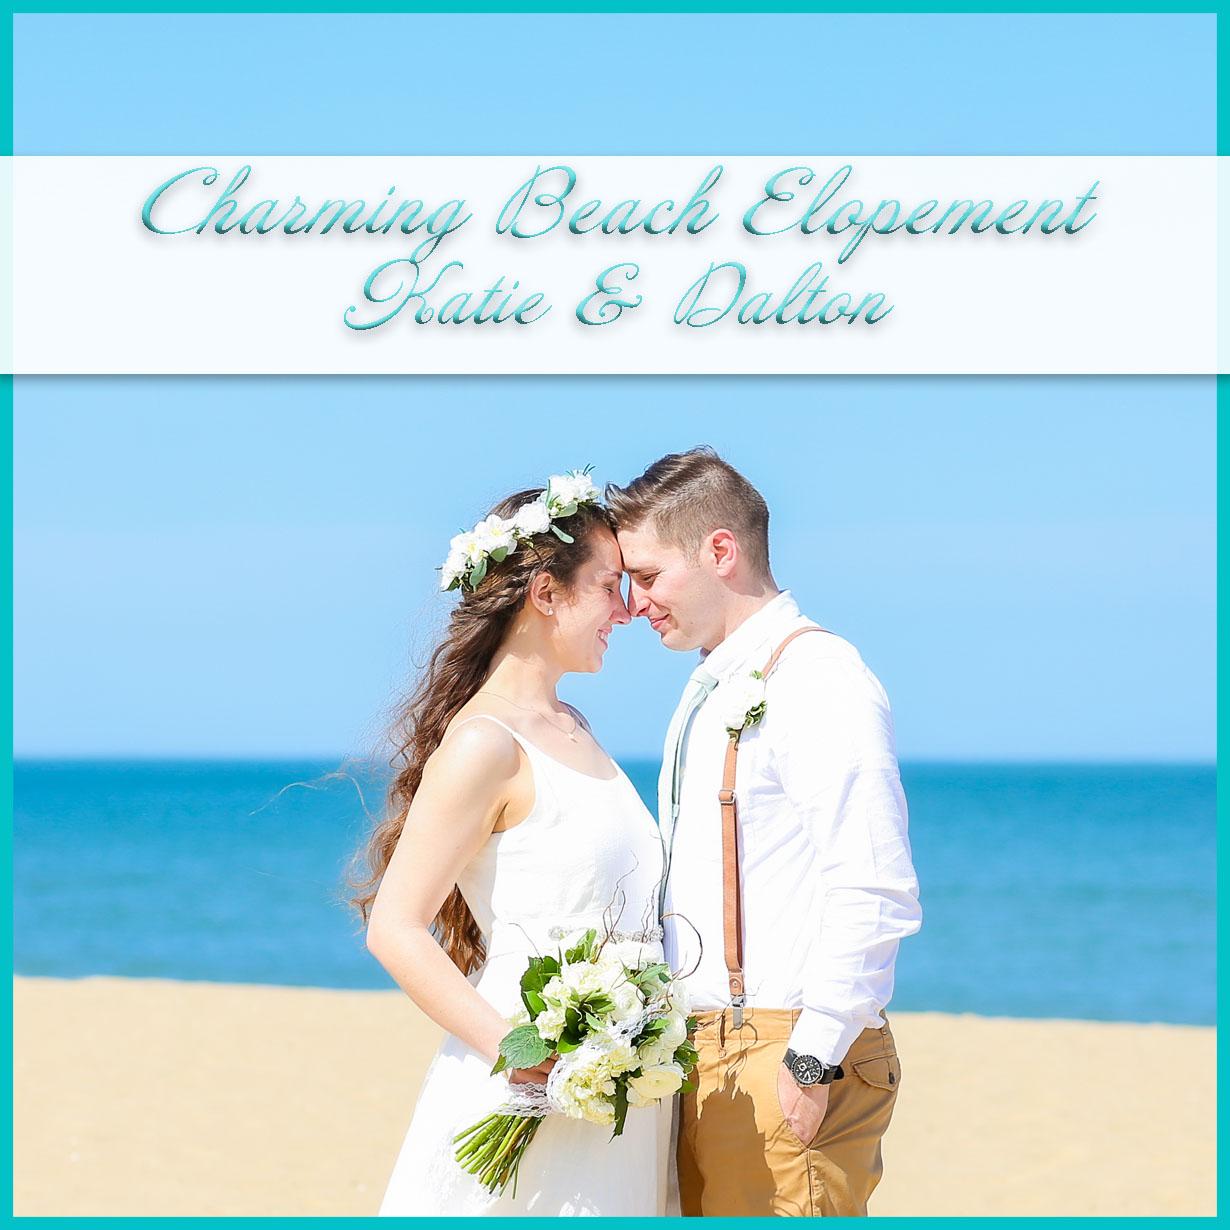 Charming Beach Elopement